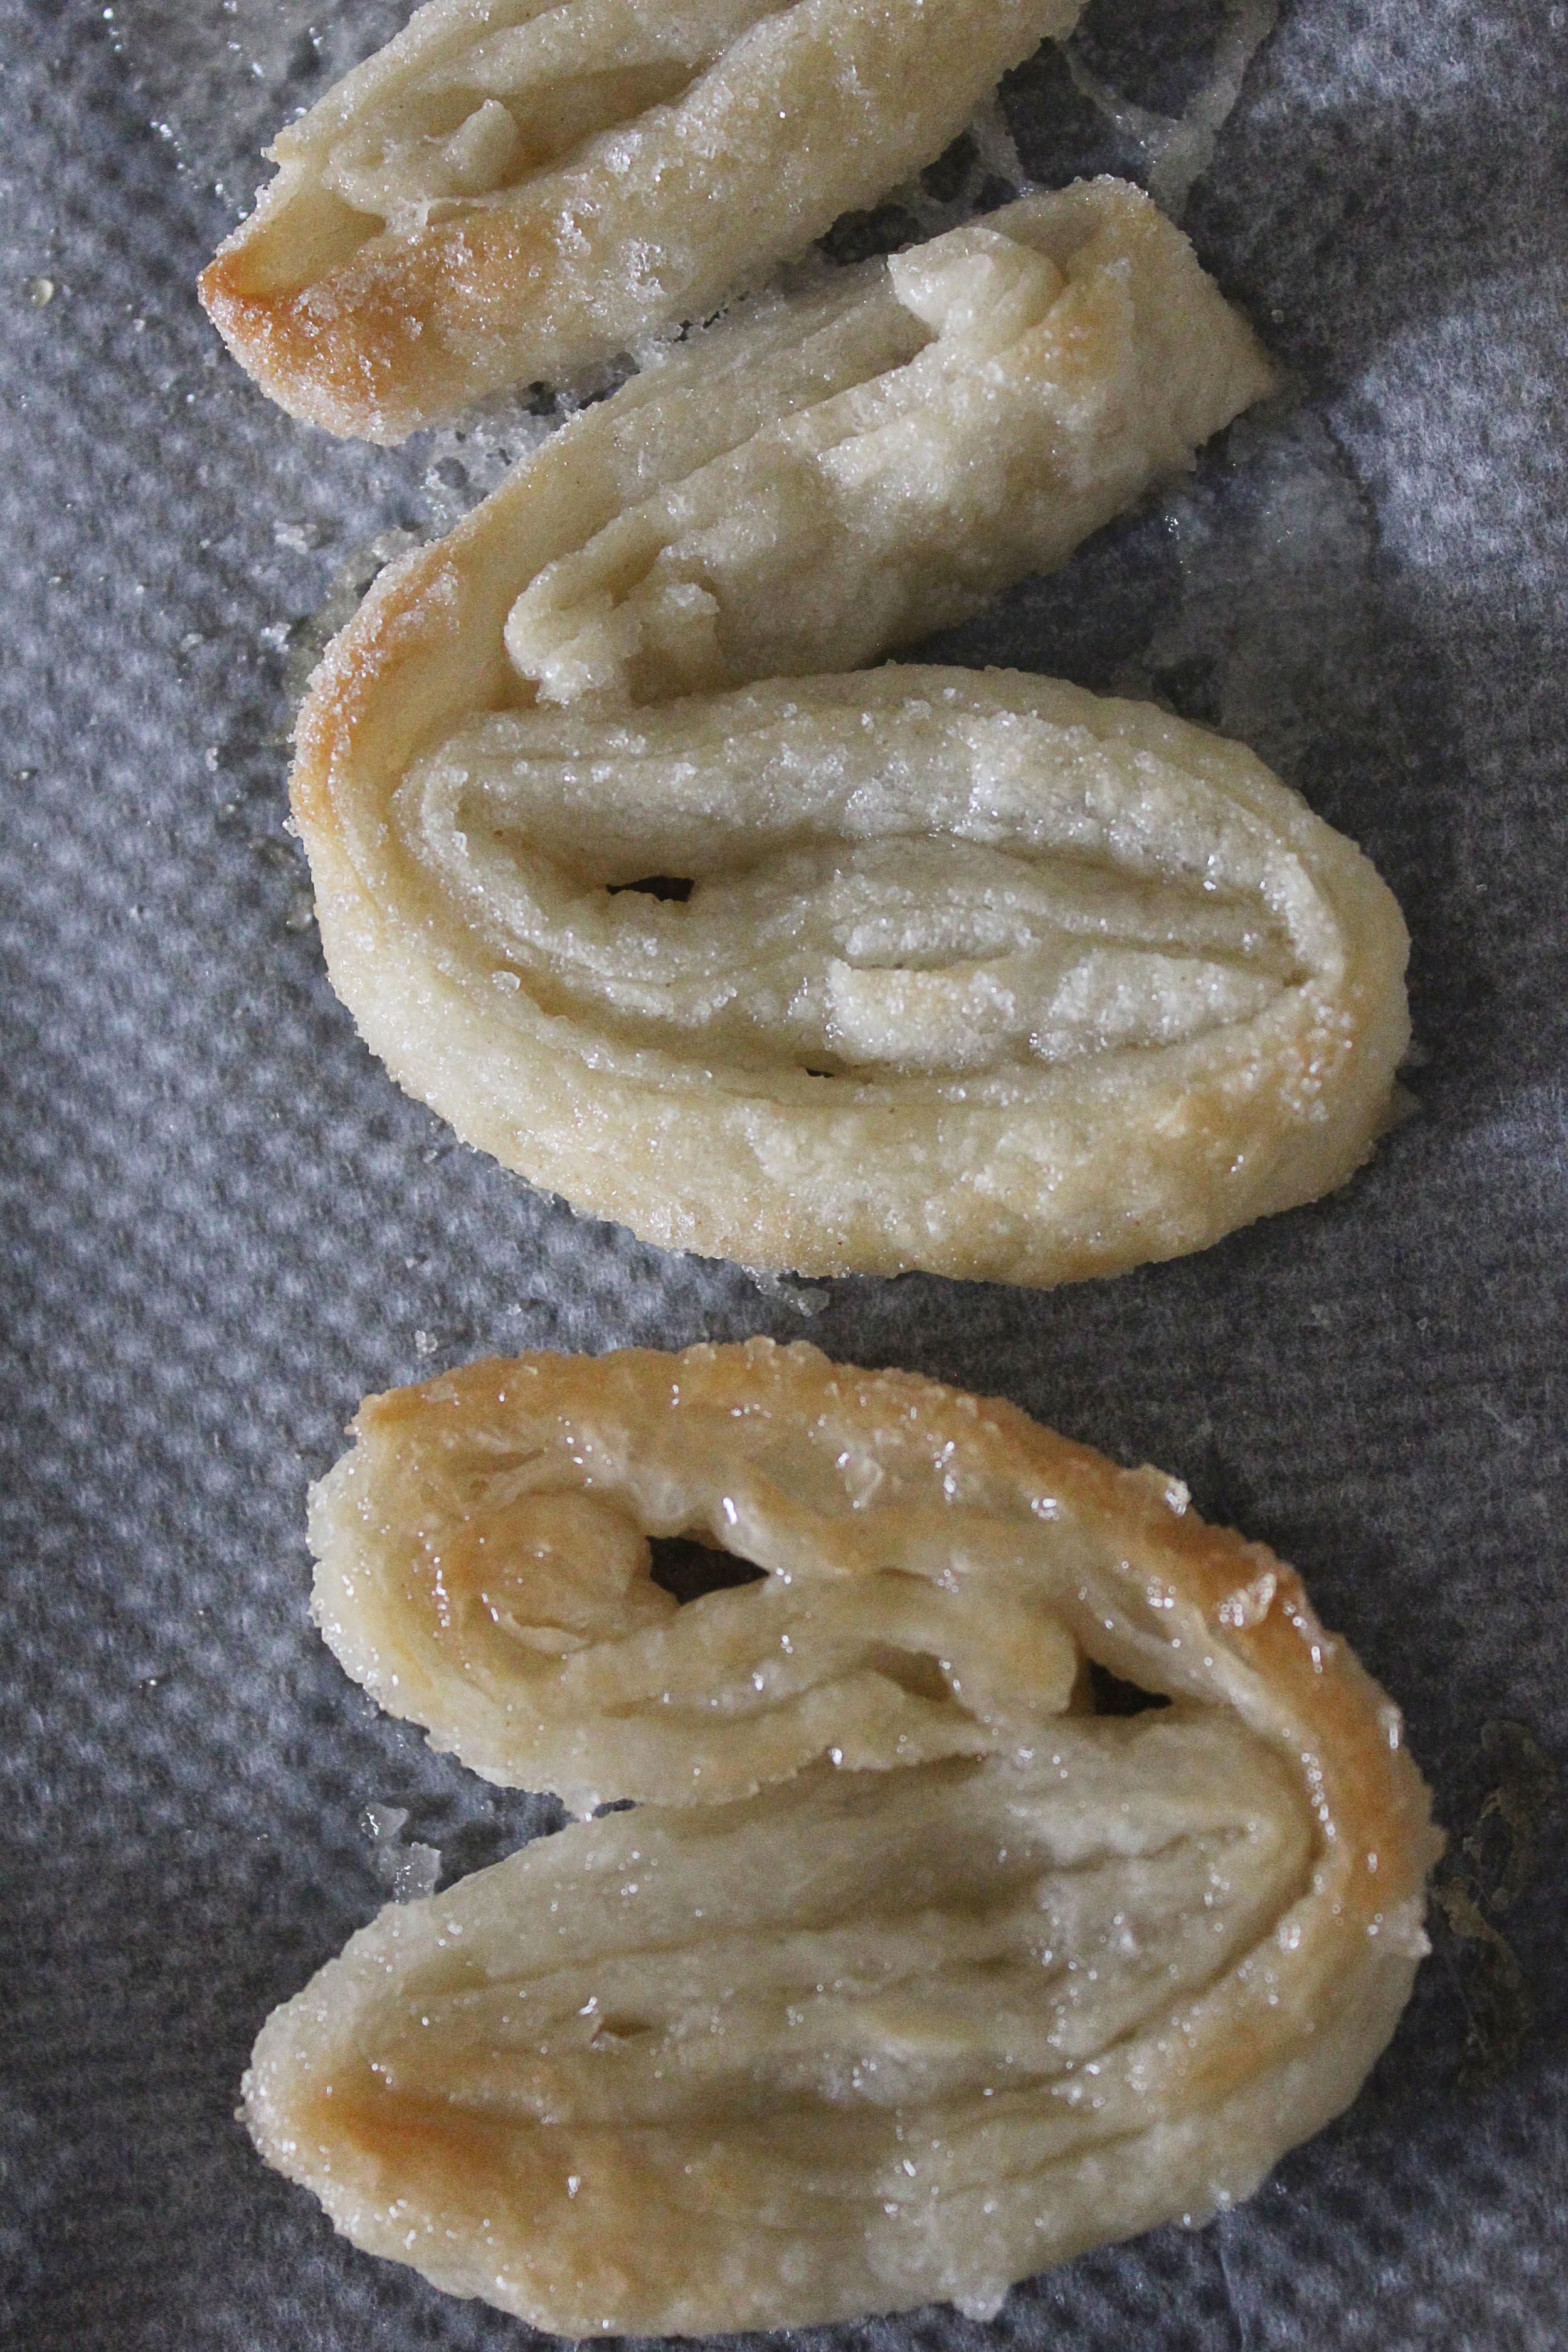 Palmier (Elephant Ear) cookies by Ina Garten #cookies #dessert - www.fancycasual.com